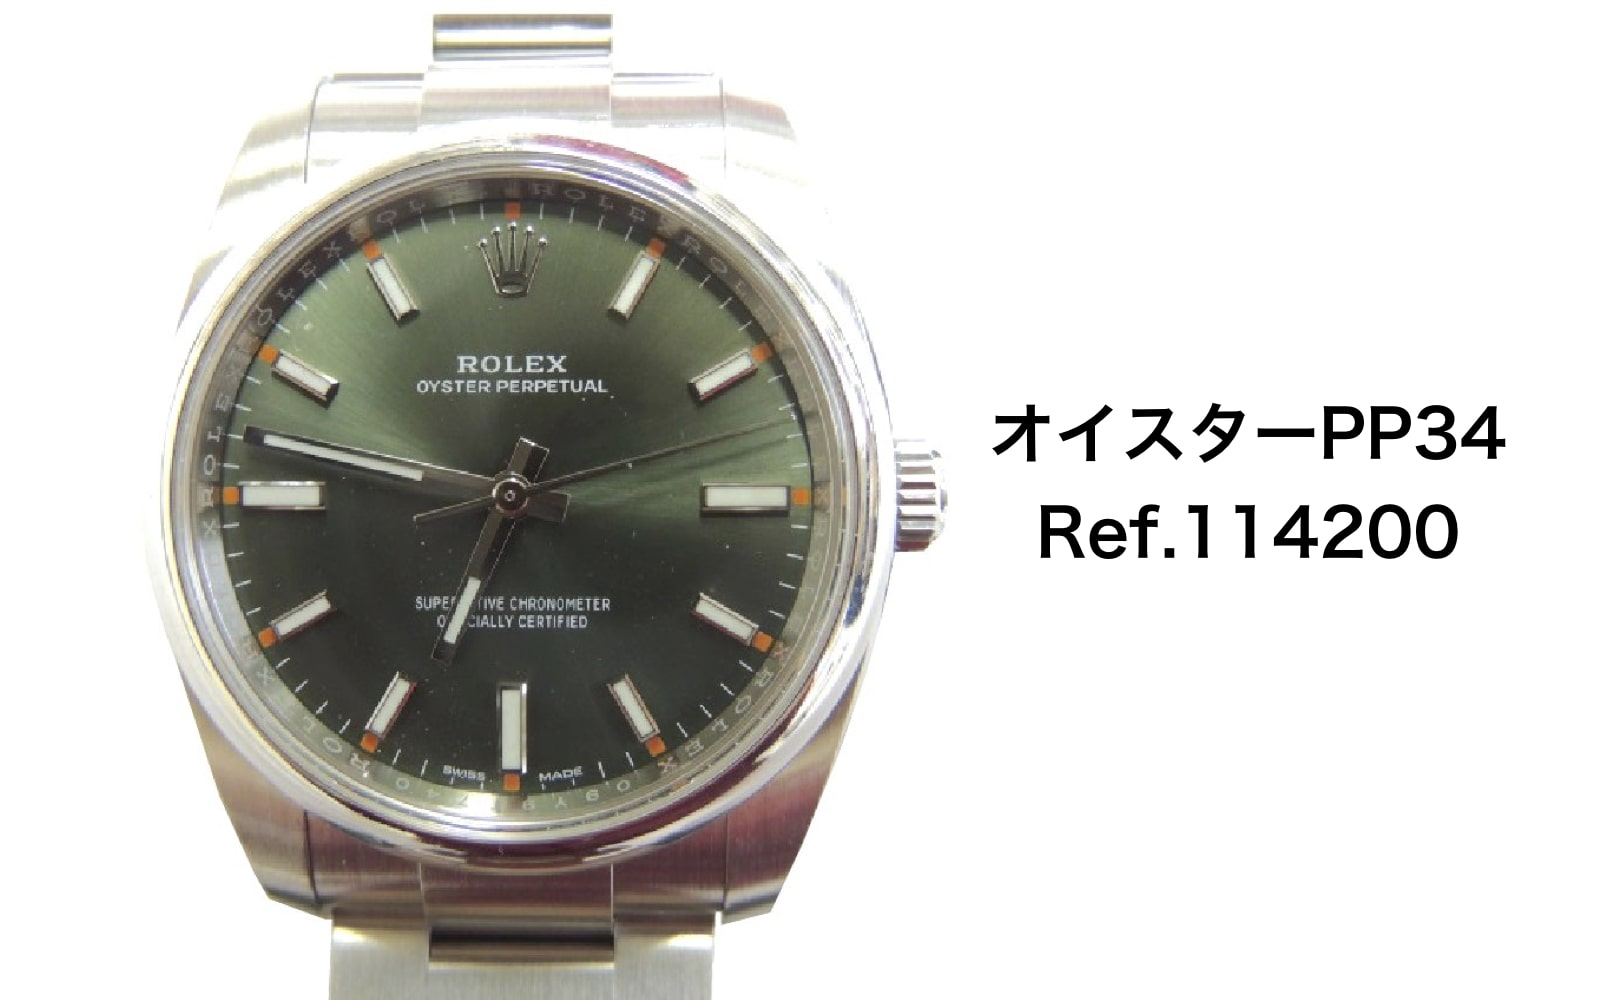 ロレックス買取オイスターパーペチュアル34Ref.114200